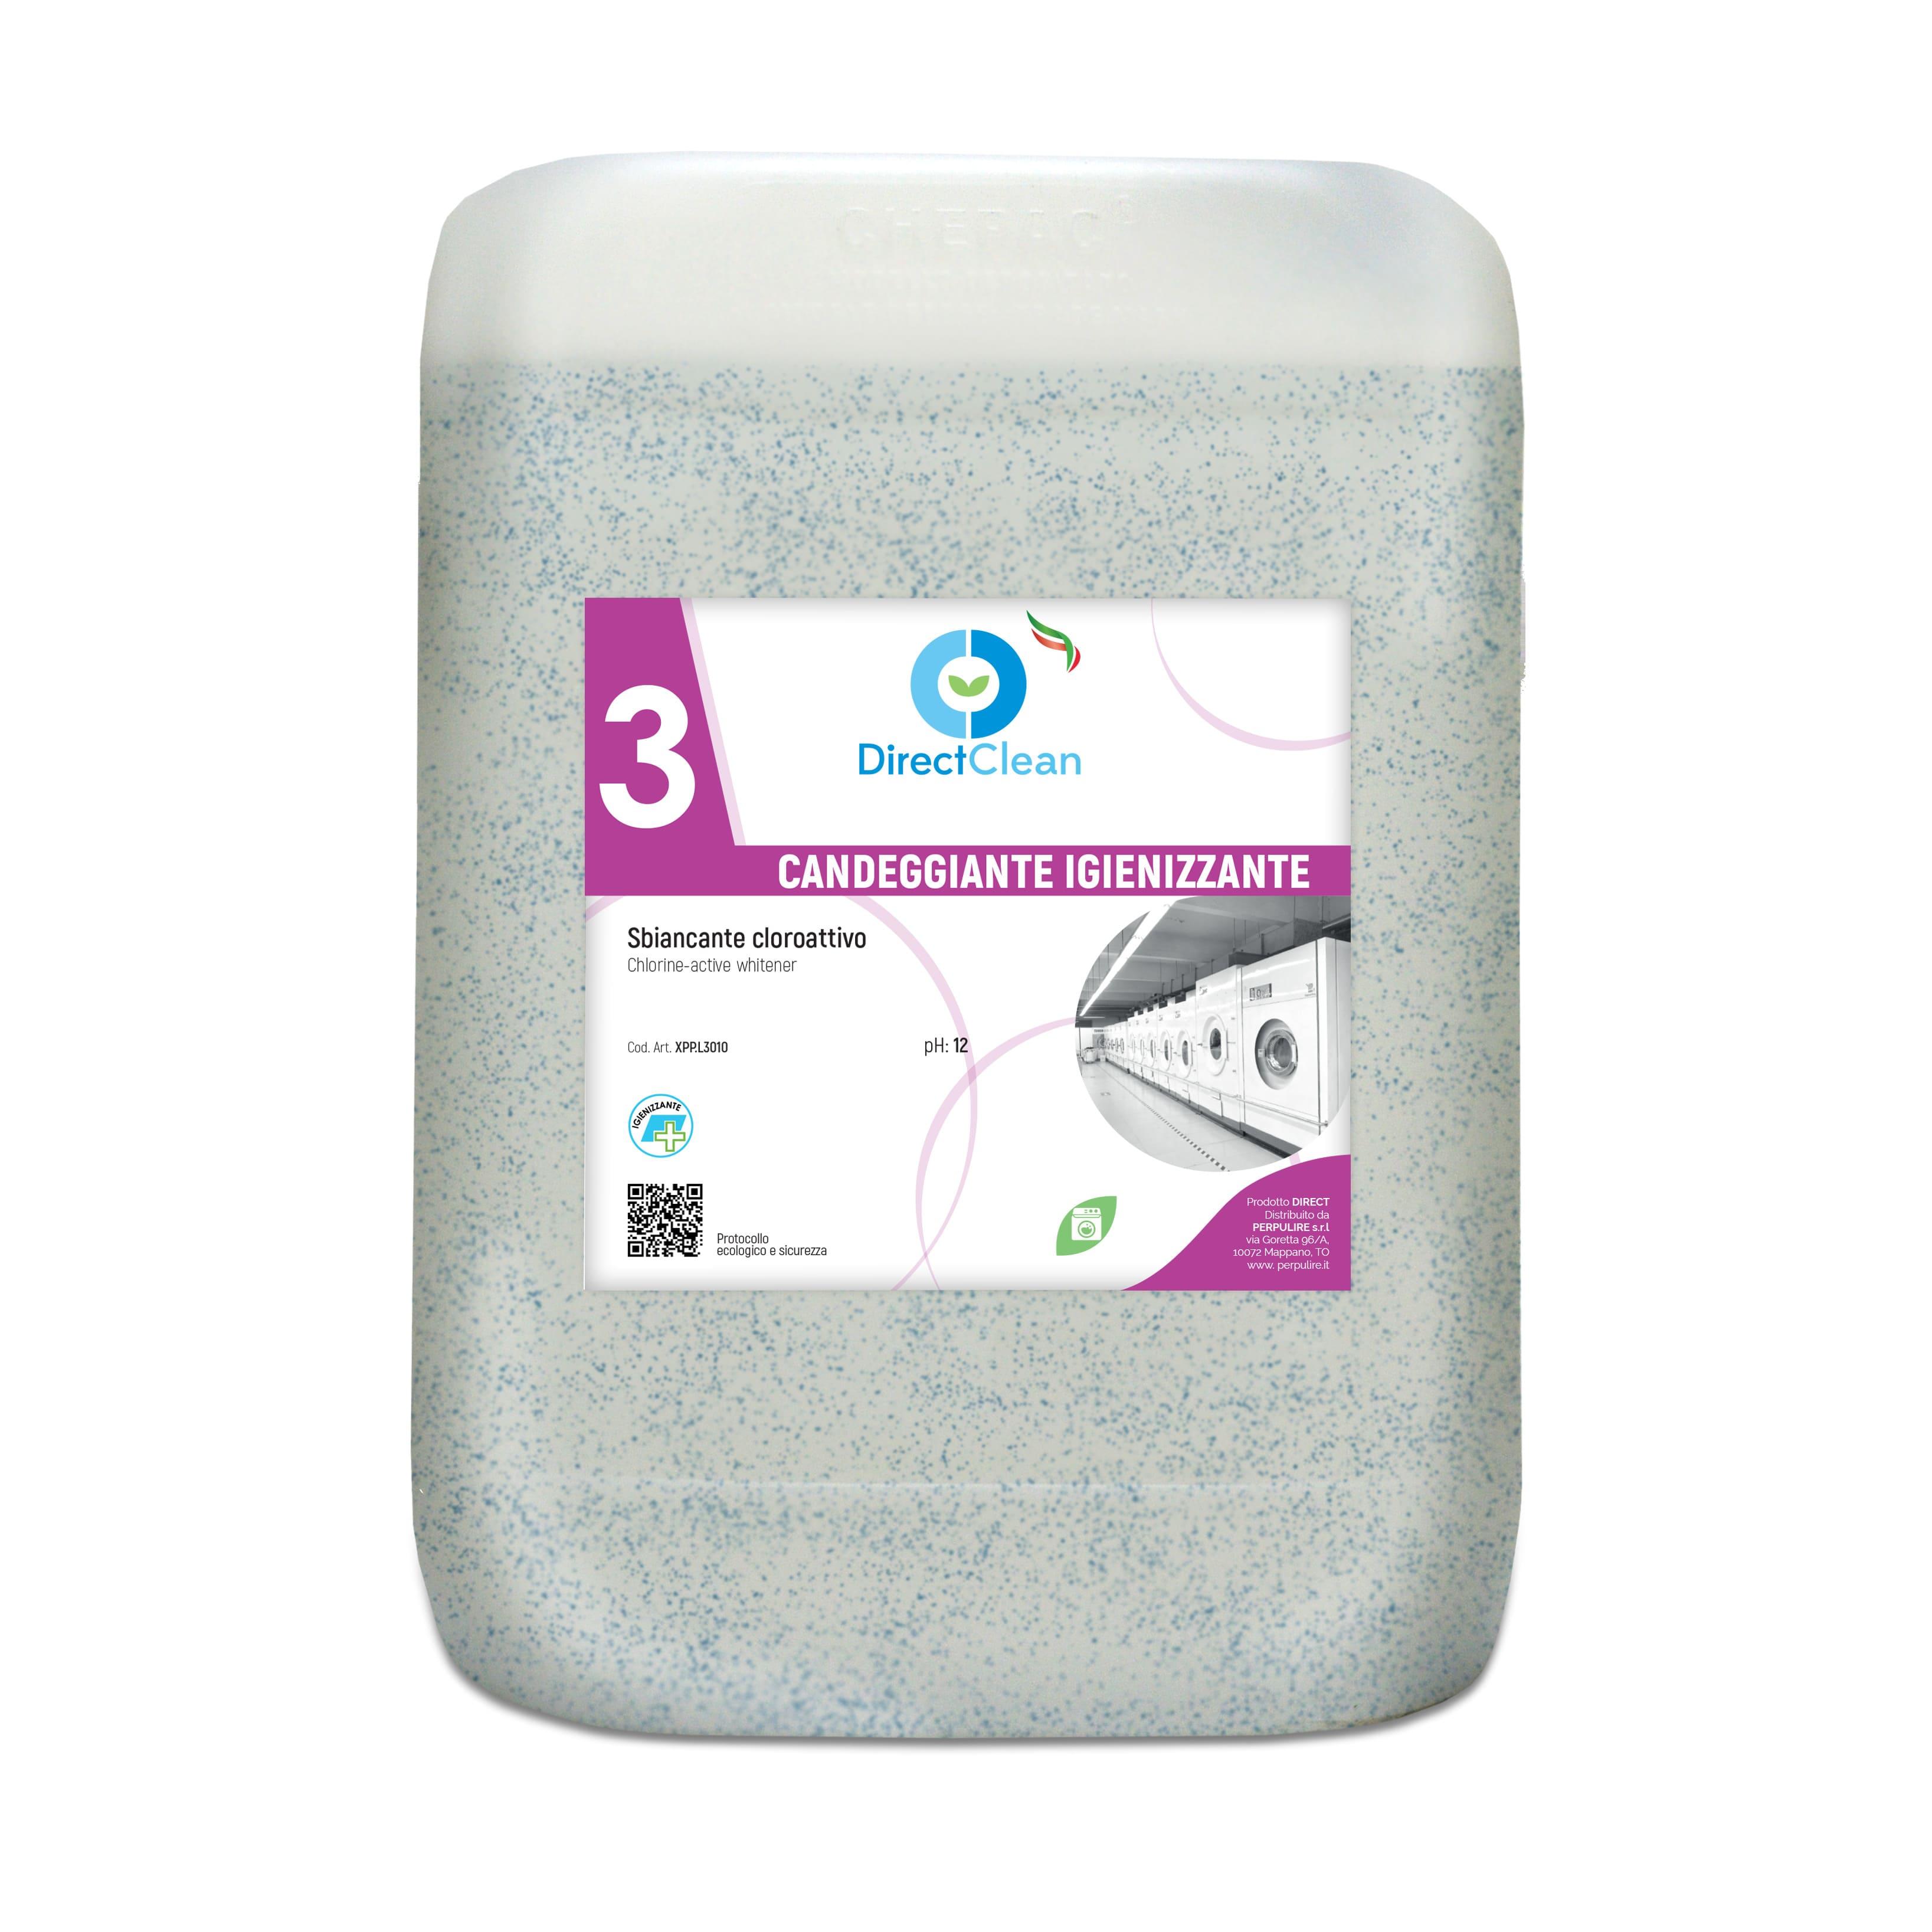 CANDEGGIANTE Sanitizzante liquido base cloro_Tanica 12kg